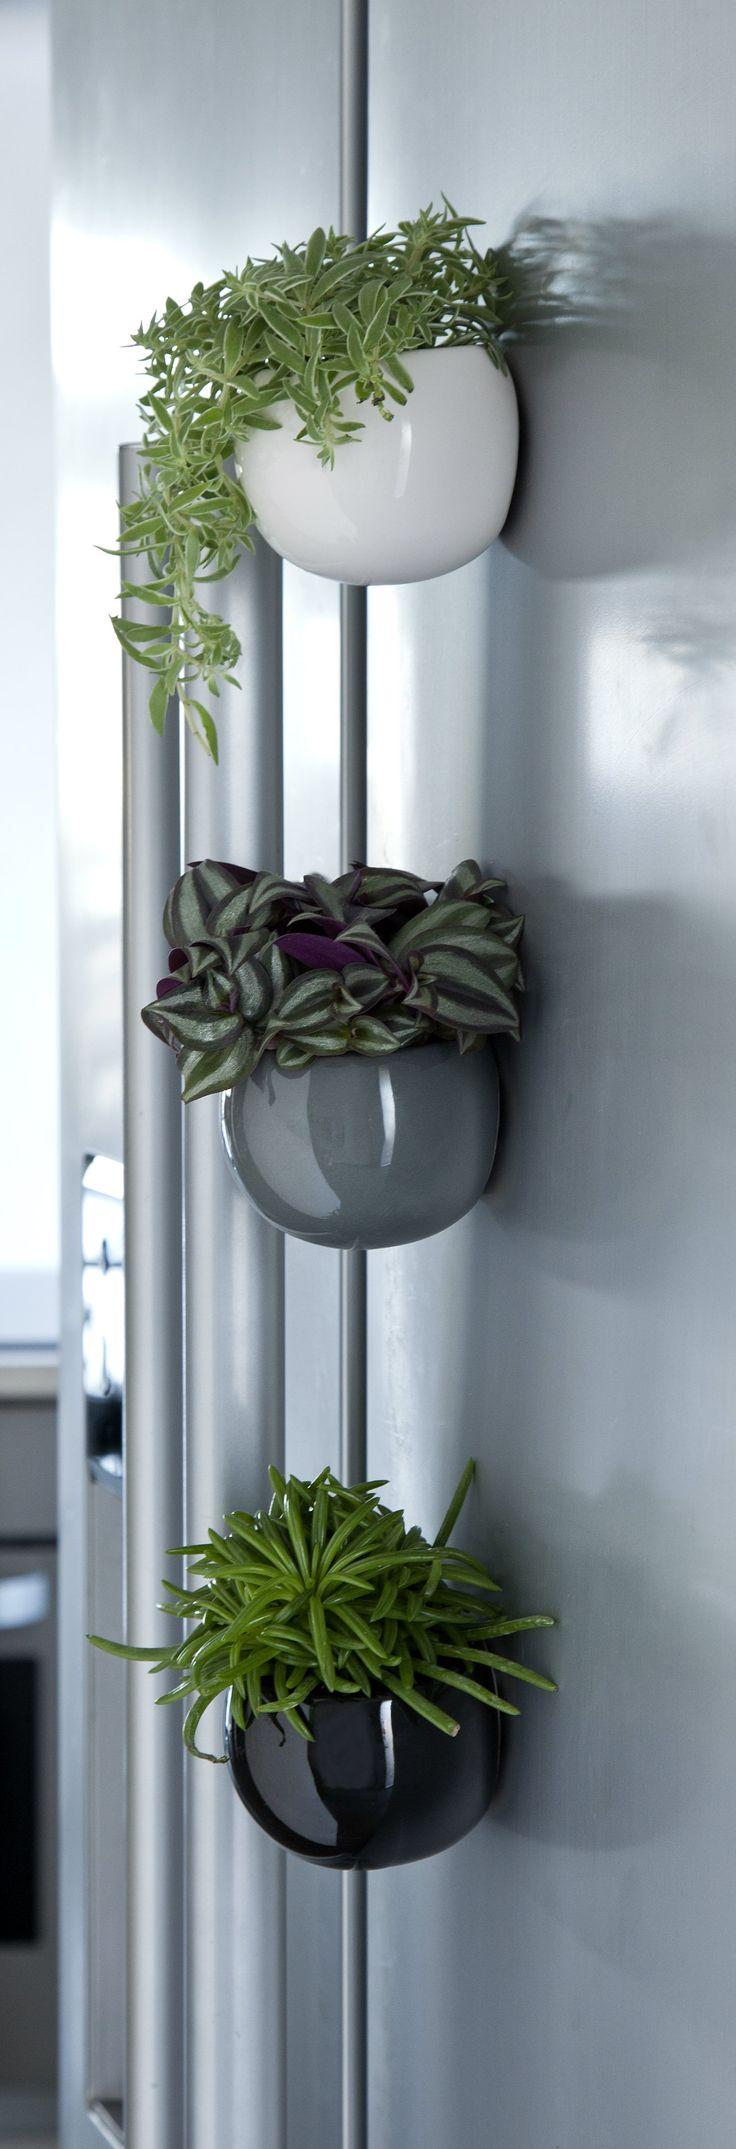 Miniplanter i magnetiske krukker er perfekte til den lille bolig, hvor man mangler noget grønt. #miniplanter #minikrukker #magnetiskekrukker #plantertilsmåhjem #miniplant #minipot #magneticpot #plantorama